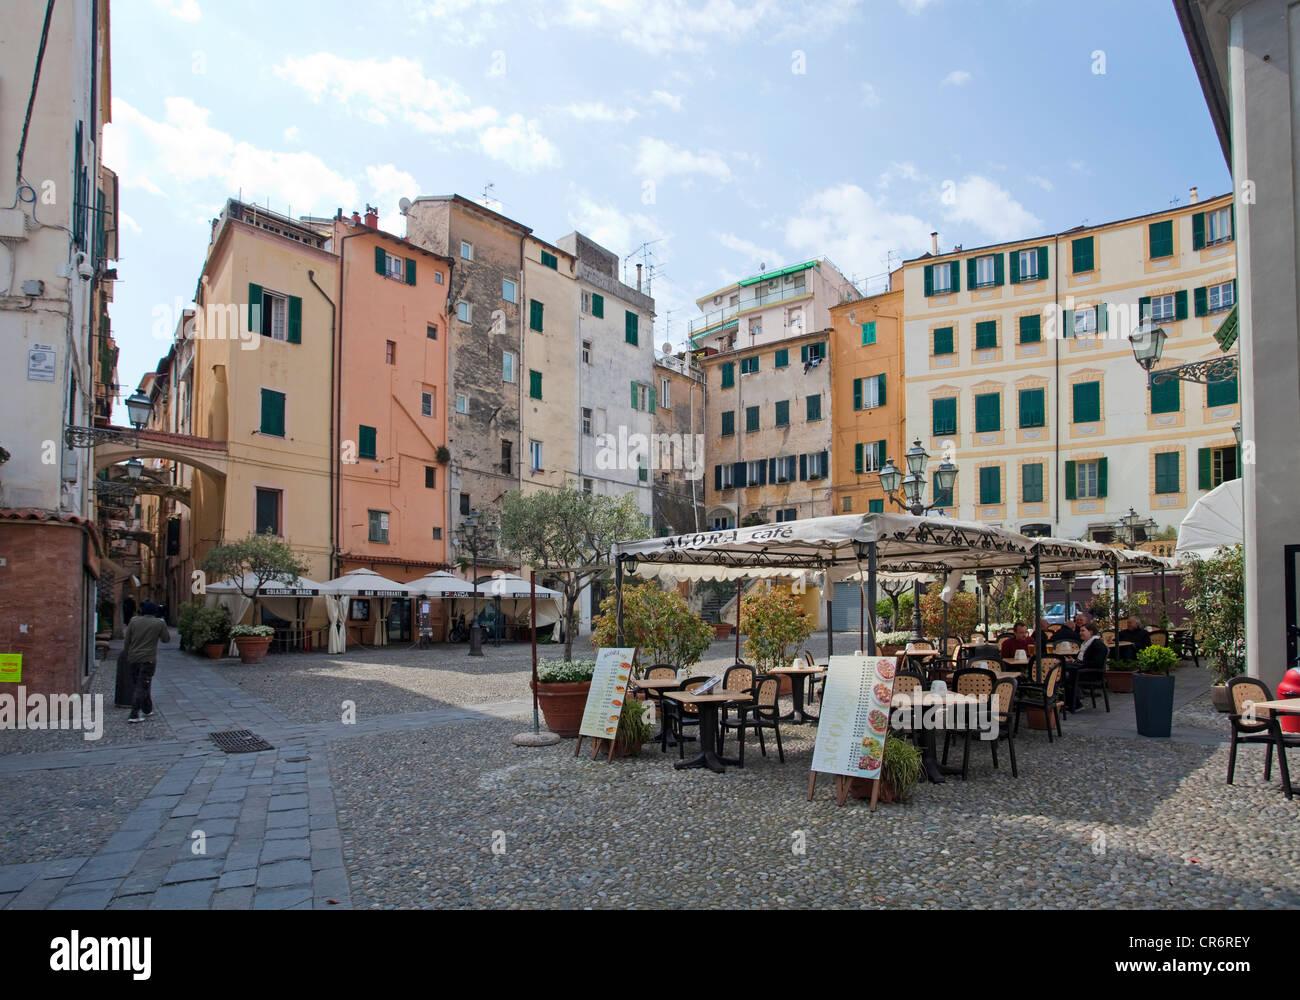 Piazza San Siro square, La Pigna, historic district of , harbour town on the Ligurian coast or Riviera di Ponente, Stock Photo